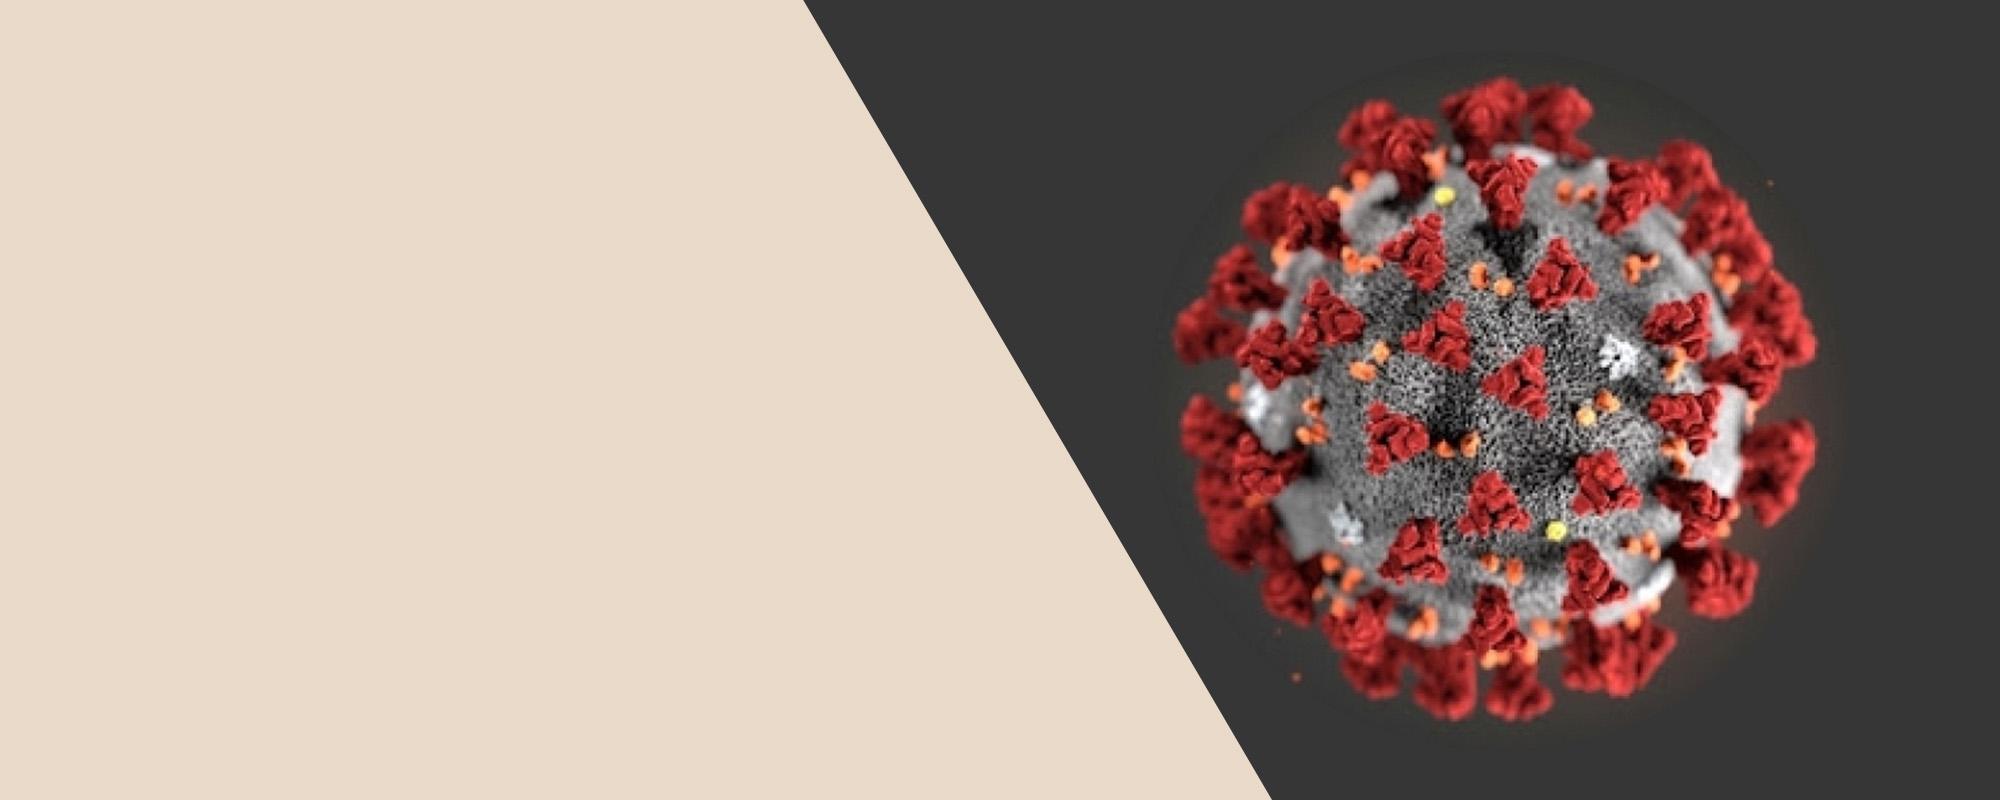 Informácia ohľadom pandémie koronavírusom